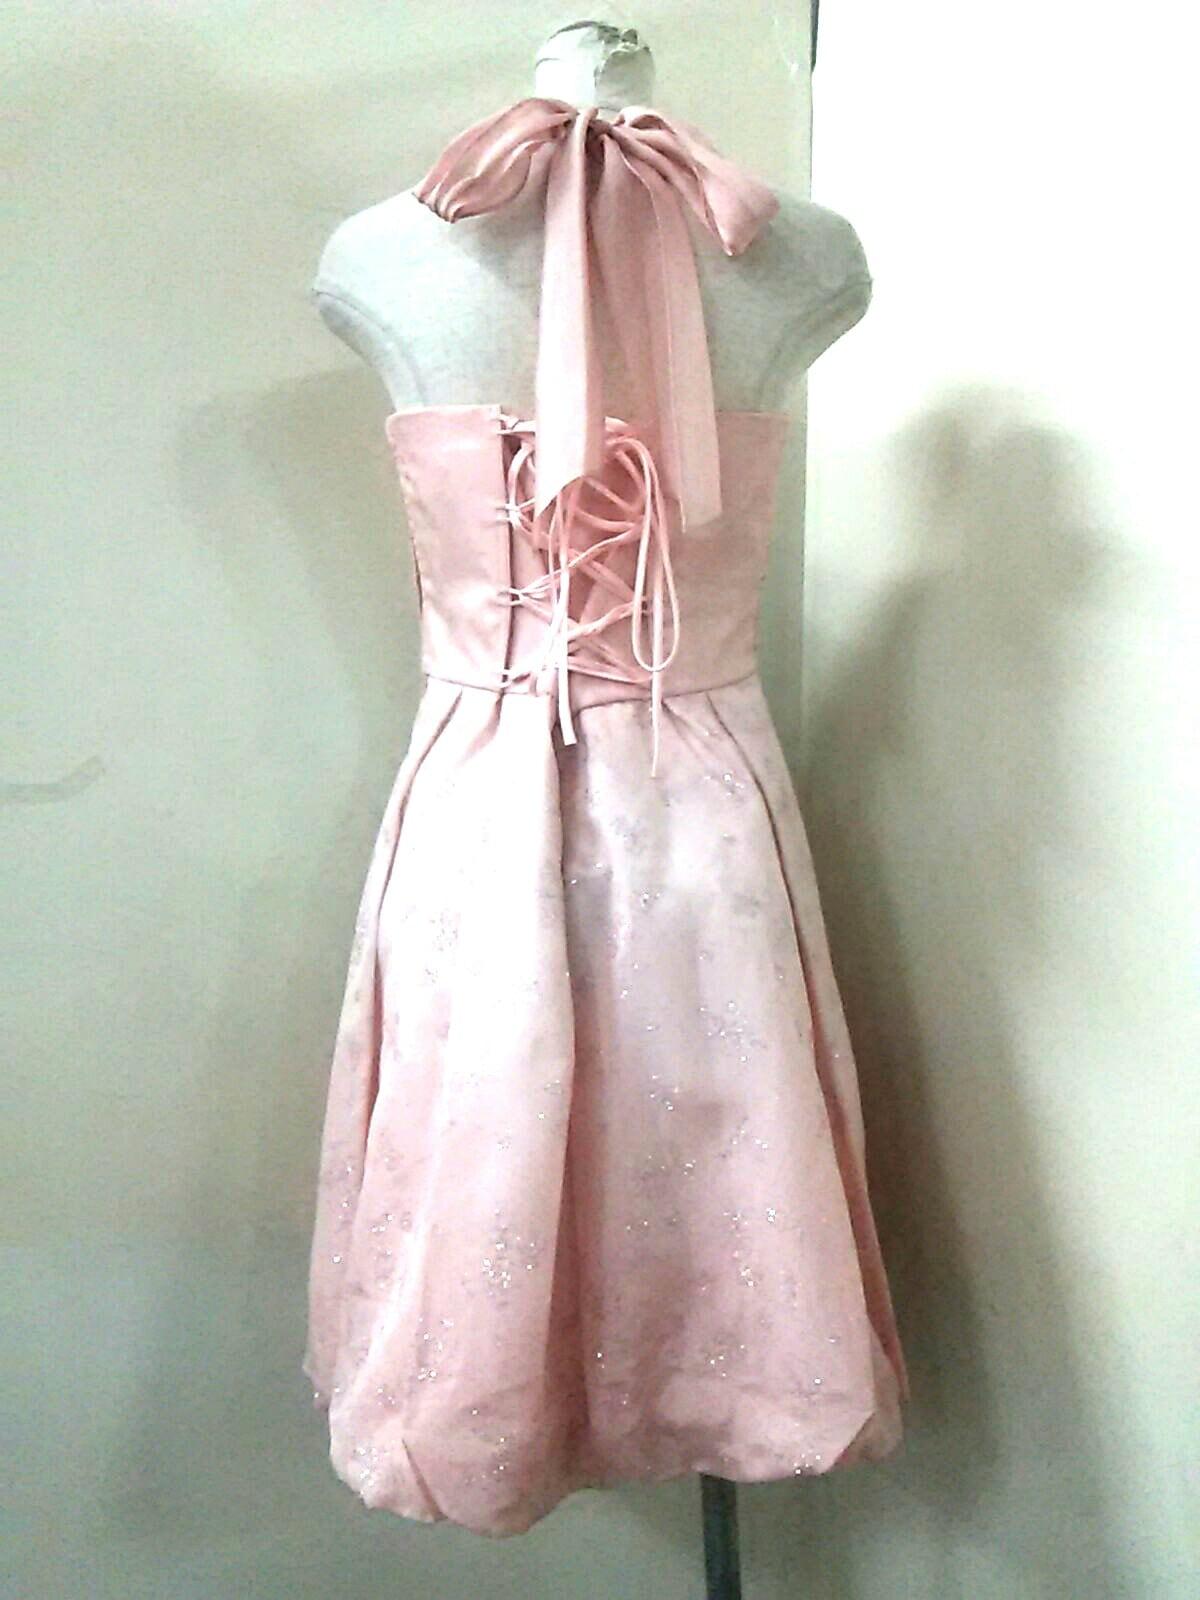 PREFERENCE(プリフェレンス)のドレス